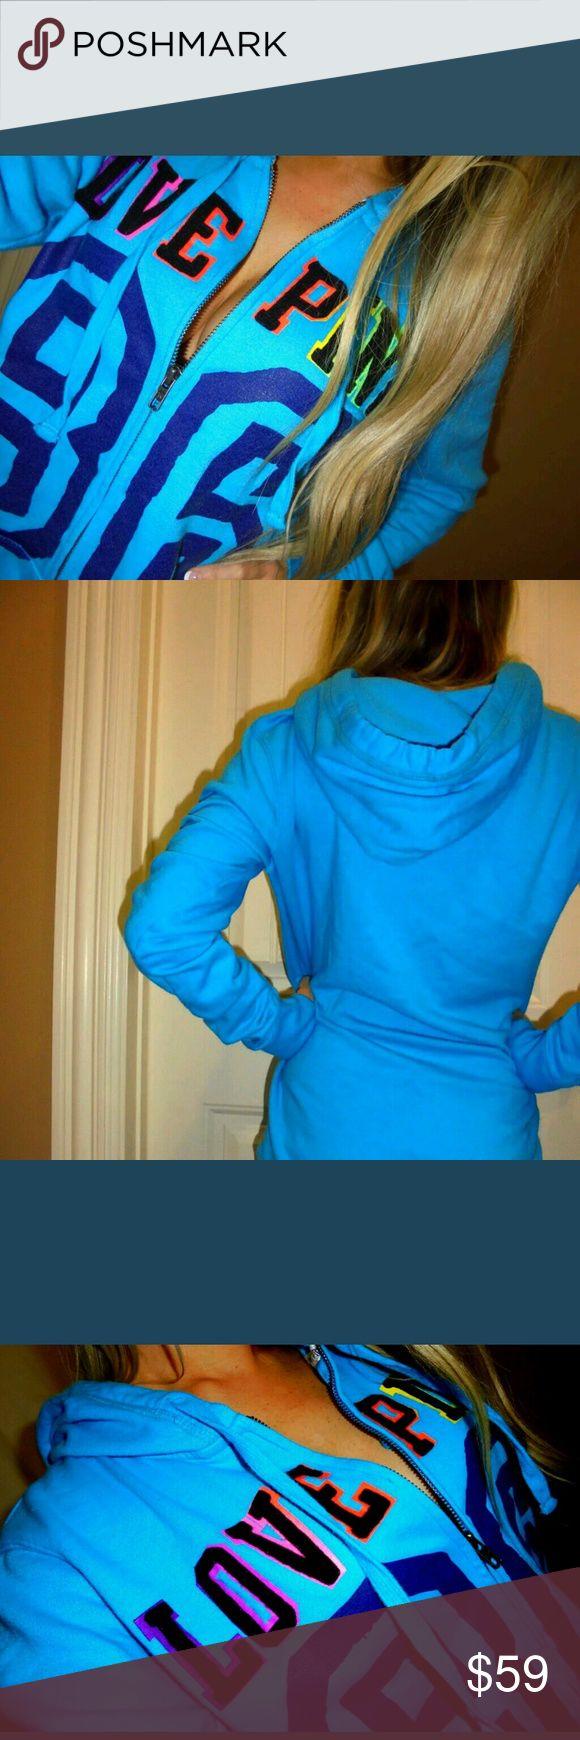 PINK VICTORIA'S SECRET, FULL ZIP HOODIE SMALL OMBRE LETTERING FULL ZIP HOODIE EUC PINK Victoria's Secret Tops Sweatshirts & Hoodies